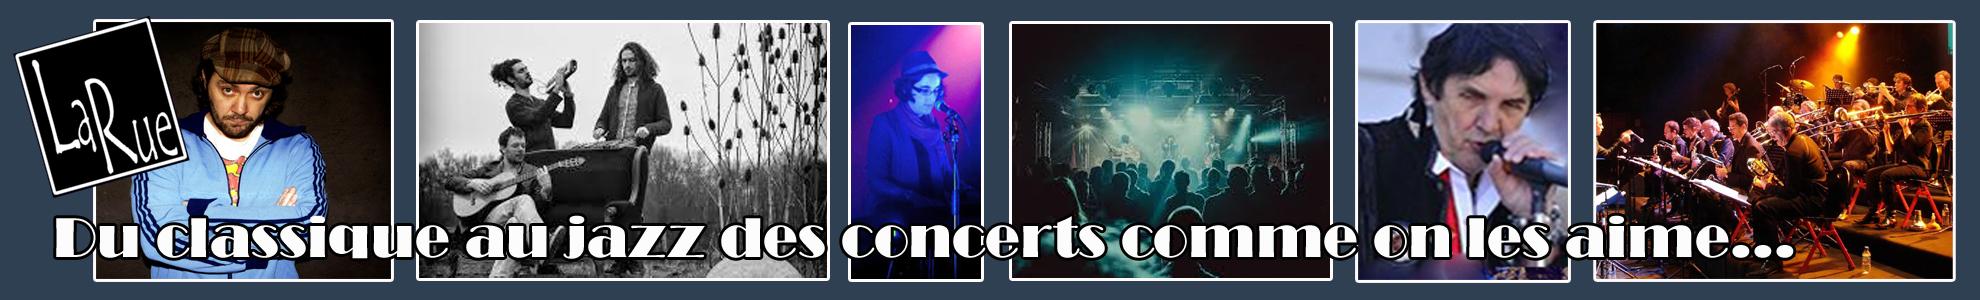 concert 2021 copie